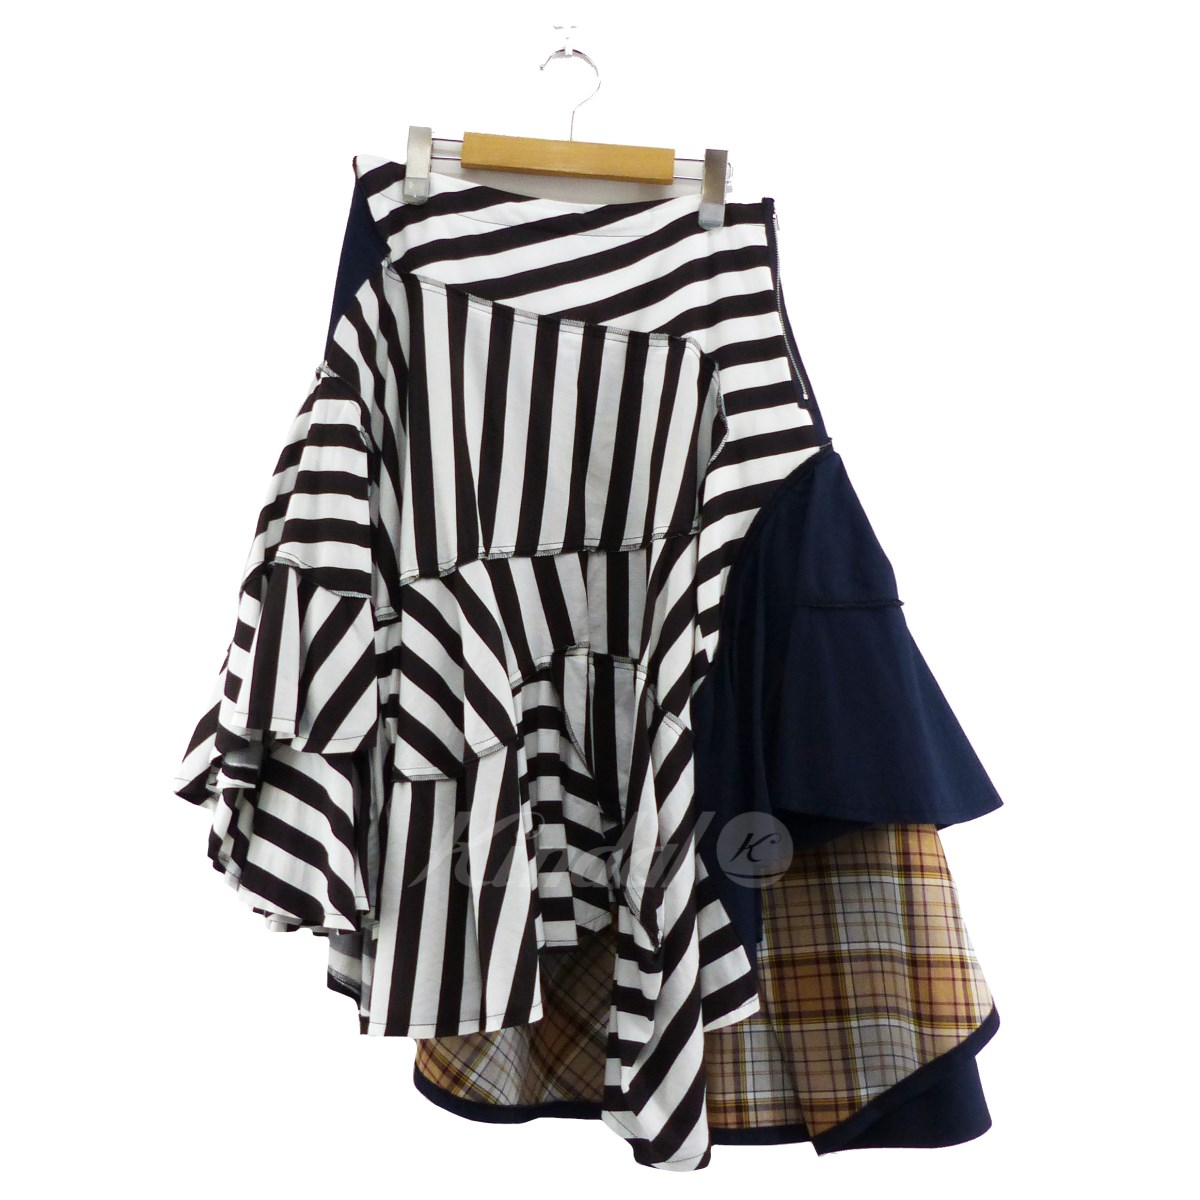 【中古】tricot COMME des GARCONS 2019SS クレイジーパターンスカート マルチカラー サイズ:M 【240519】(トリココムデギャルソン)